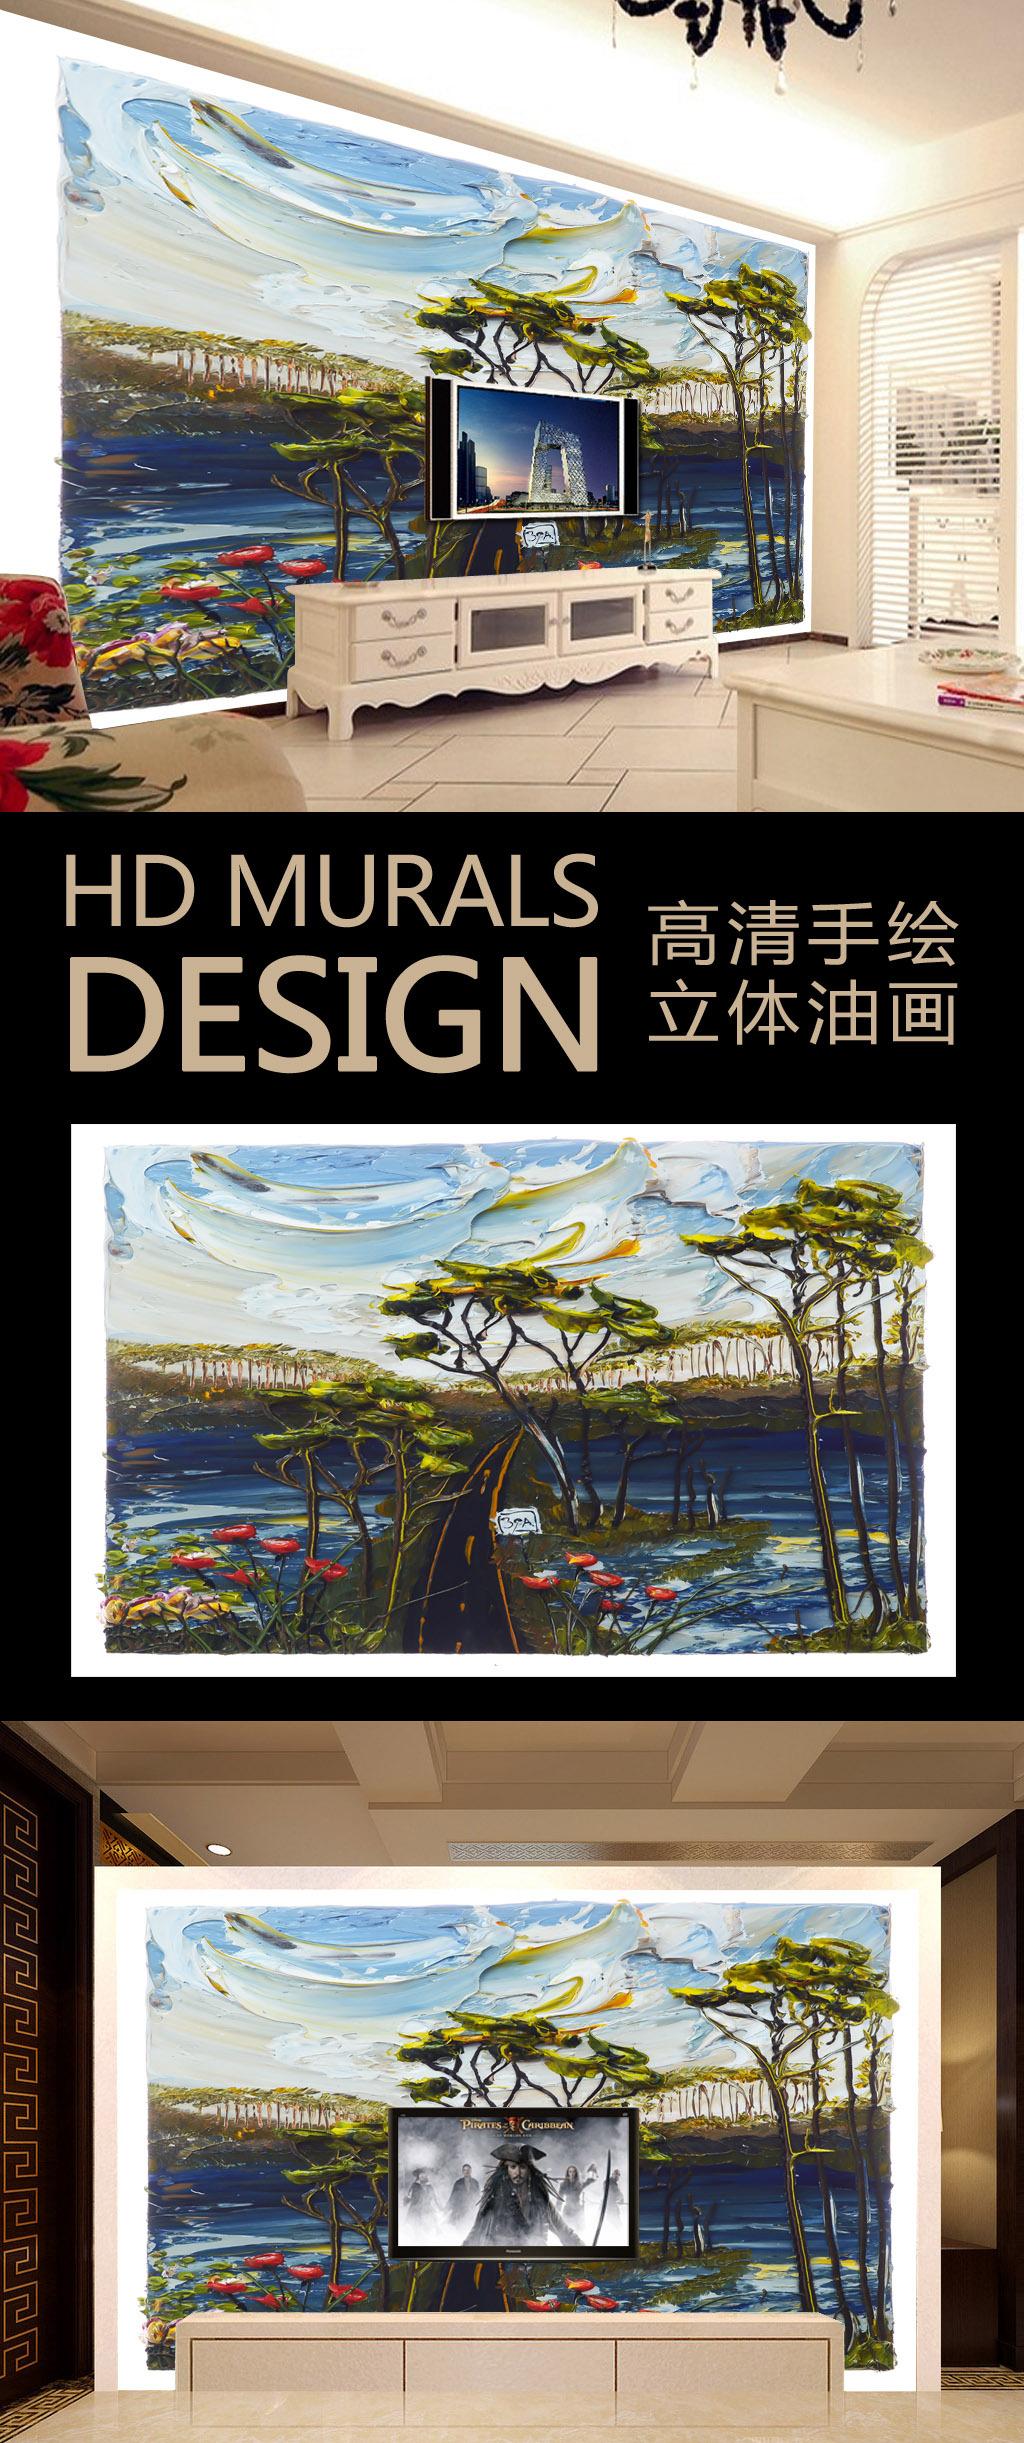 高清手绘立体油画风景画浮雕壁画电视背景墙